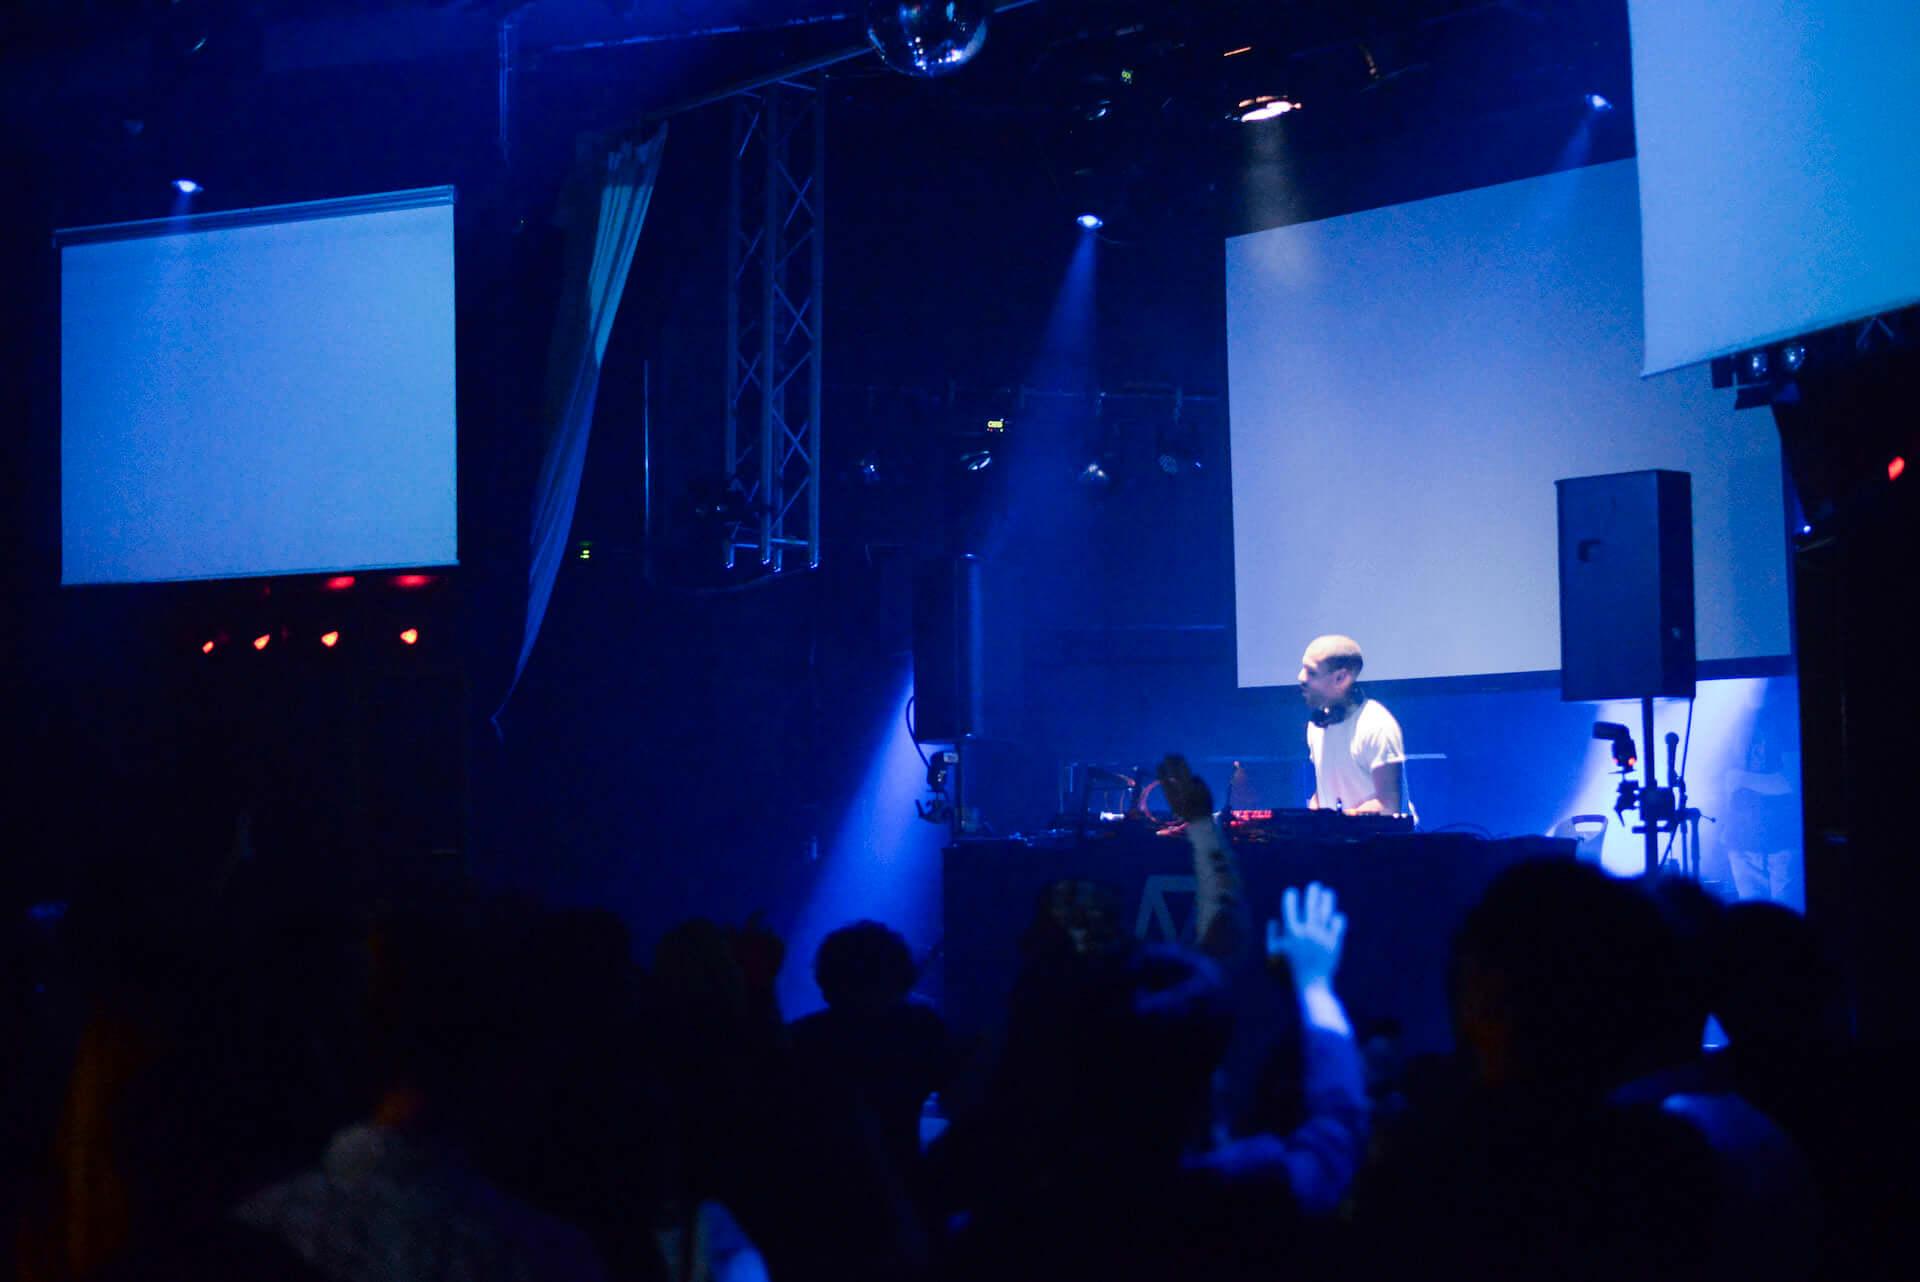 フォトレポ|注目のパリ発レーベル「Roche Musique」×国内人気パーティー「MODERN DISCO」 music181129-modern-disco-3-1920x1282